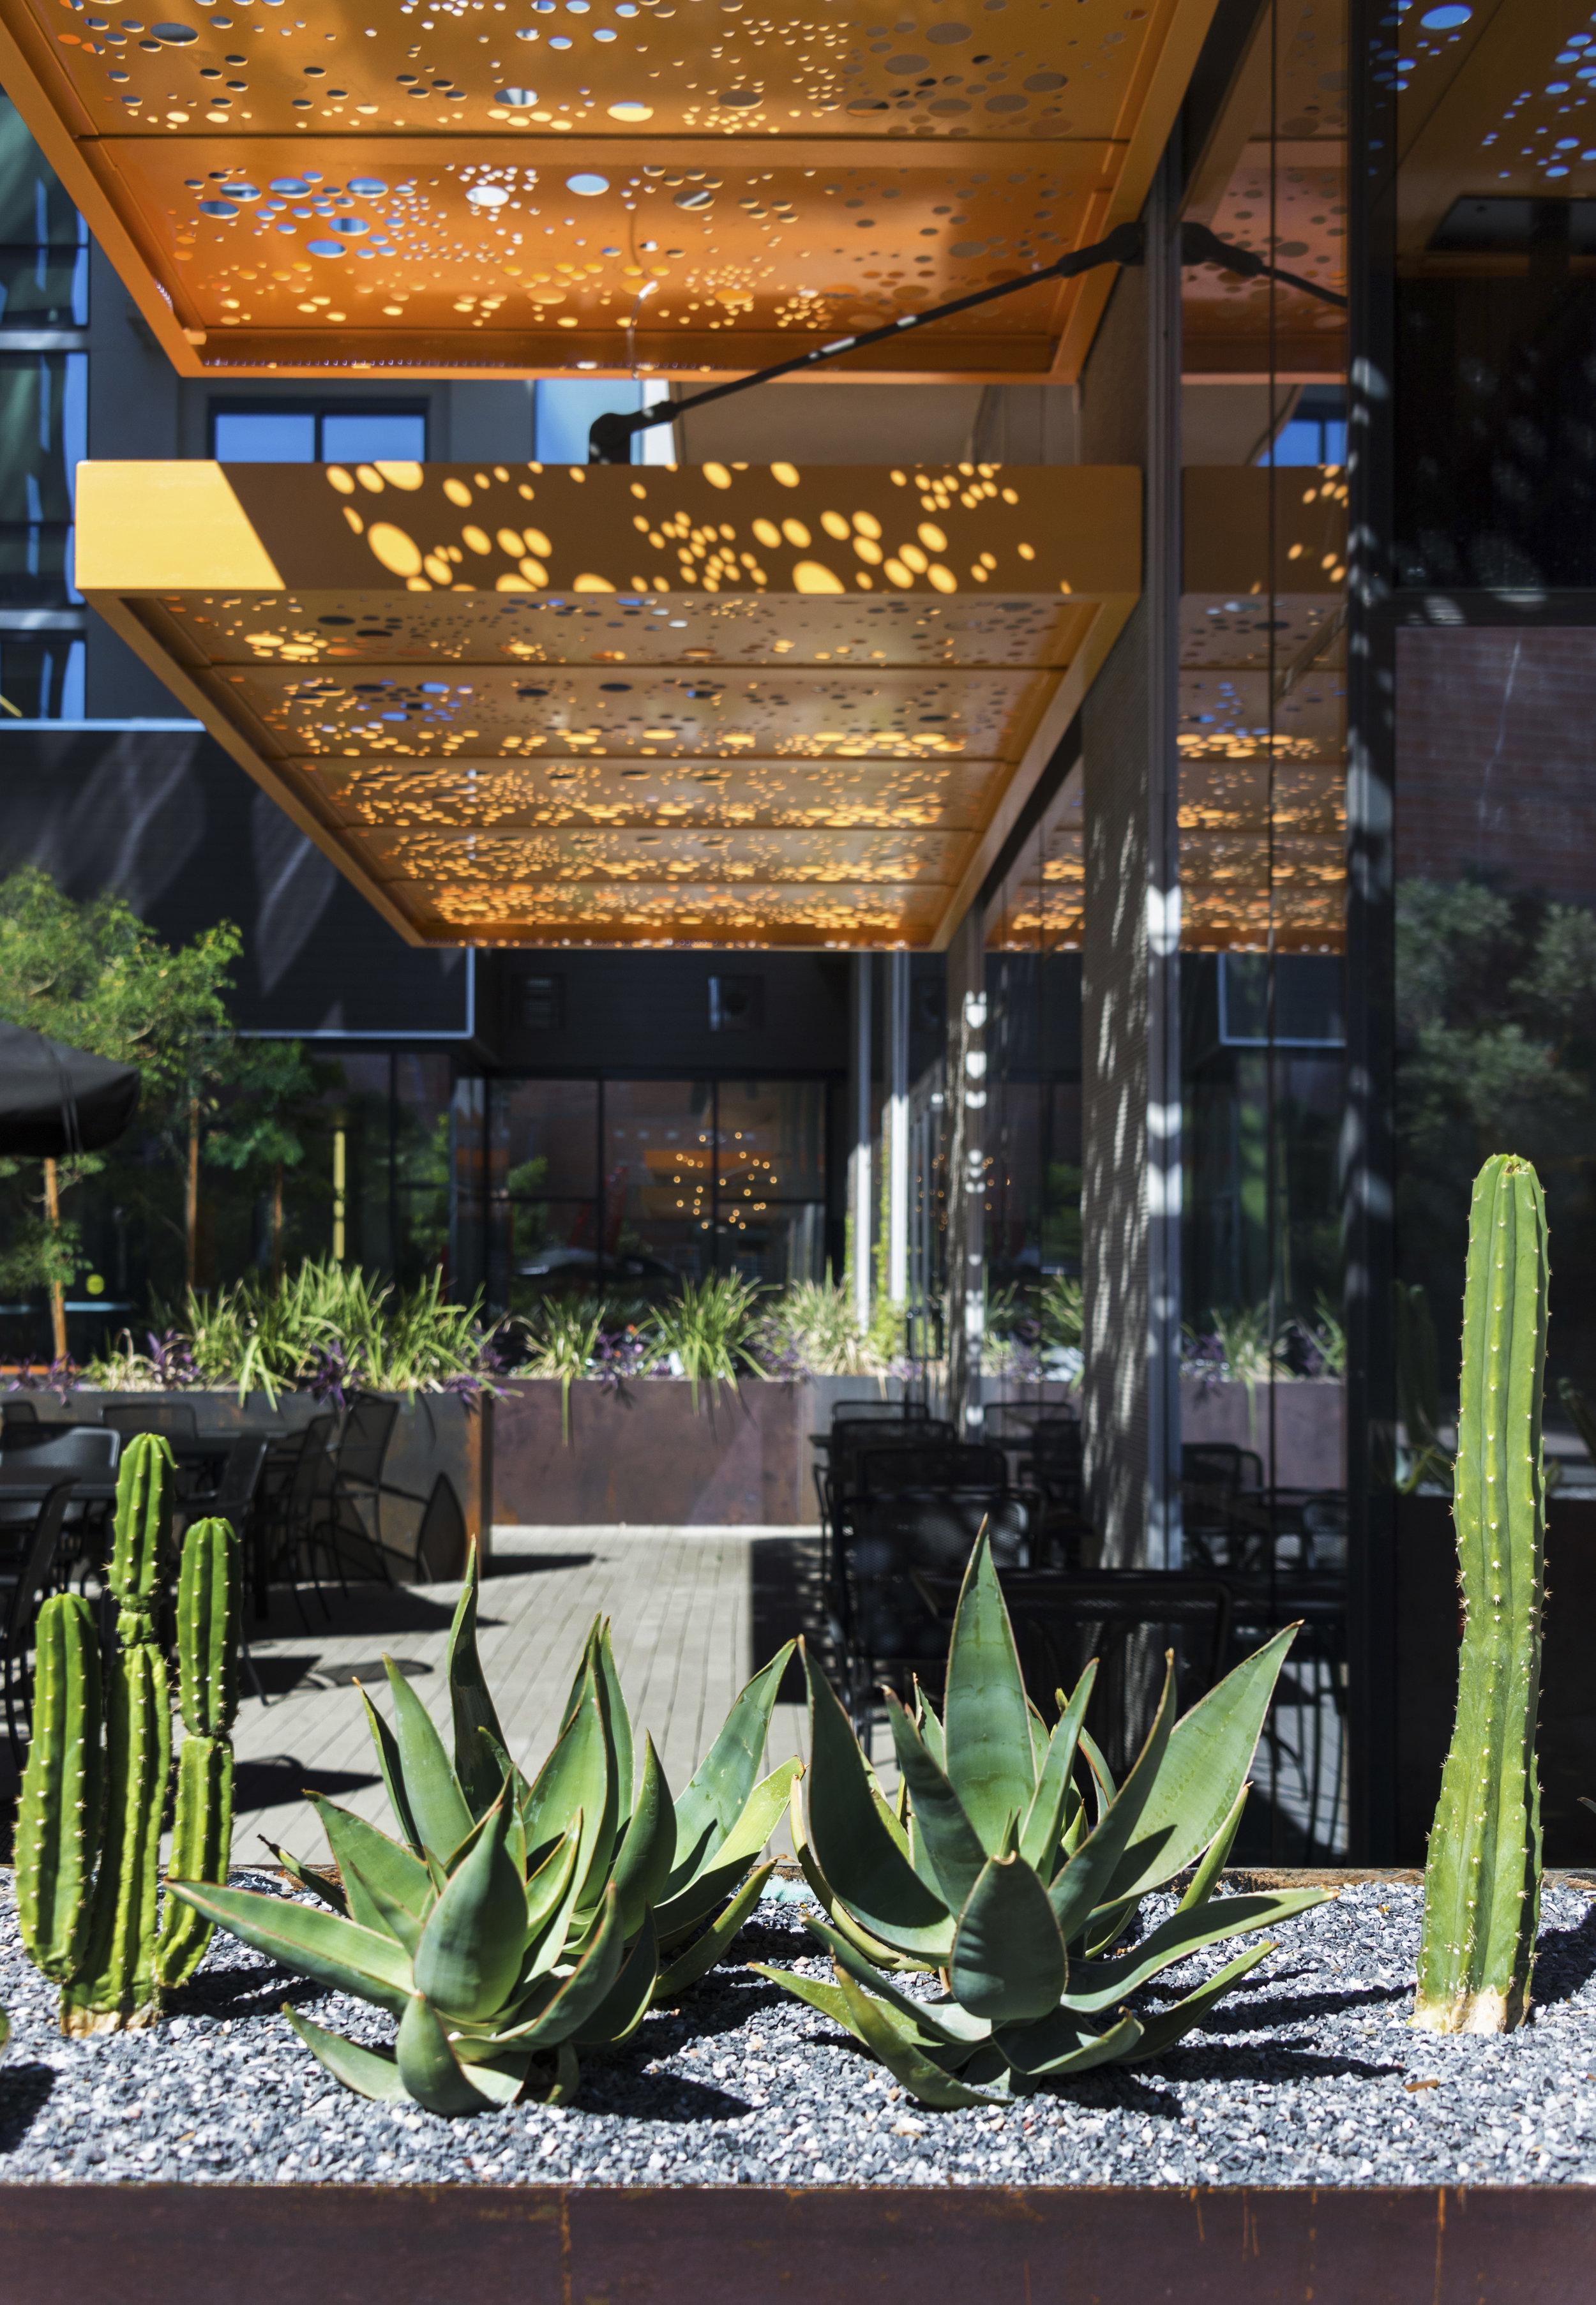 Mixed-use | Tucson AZ